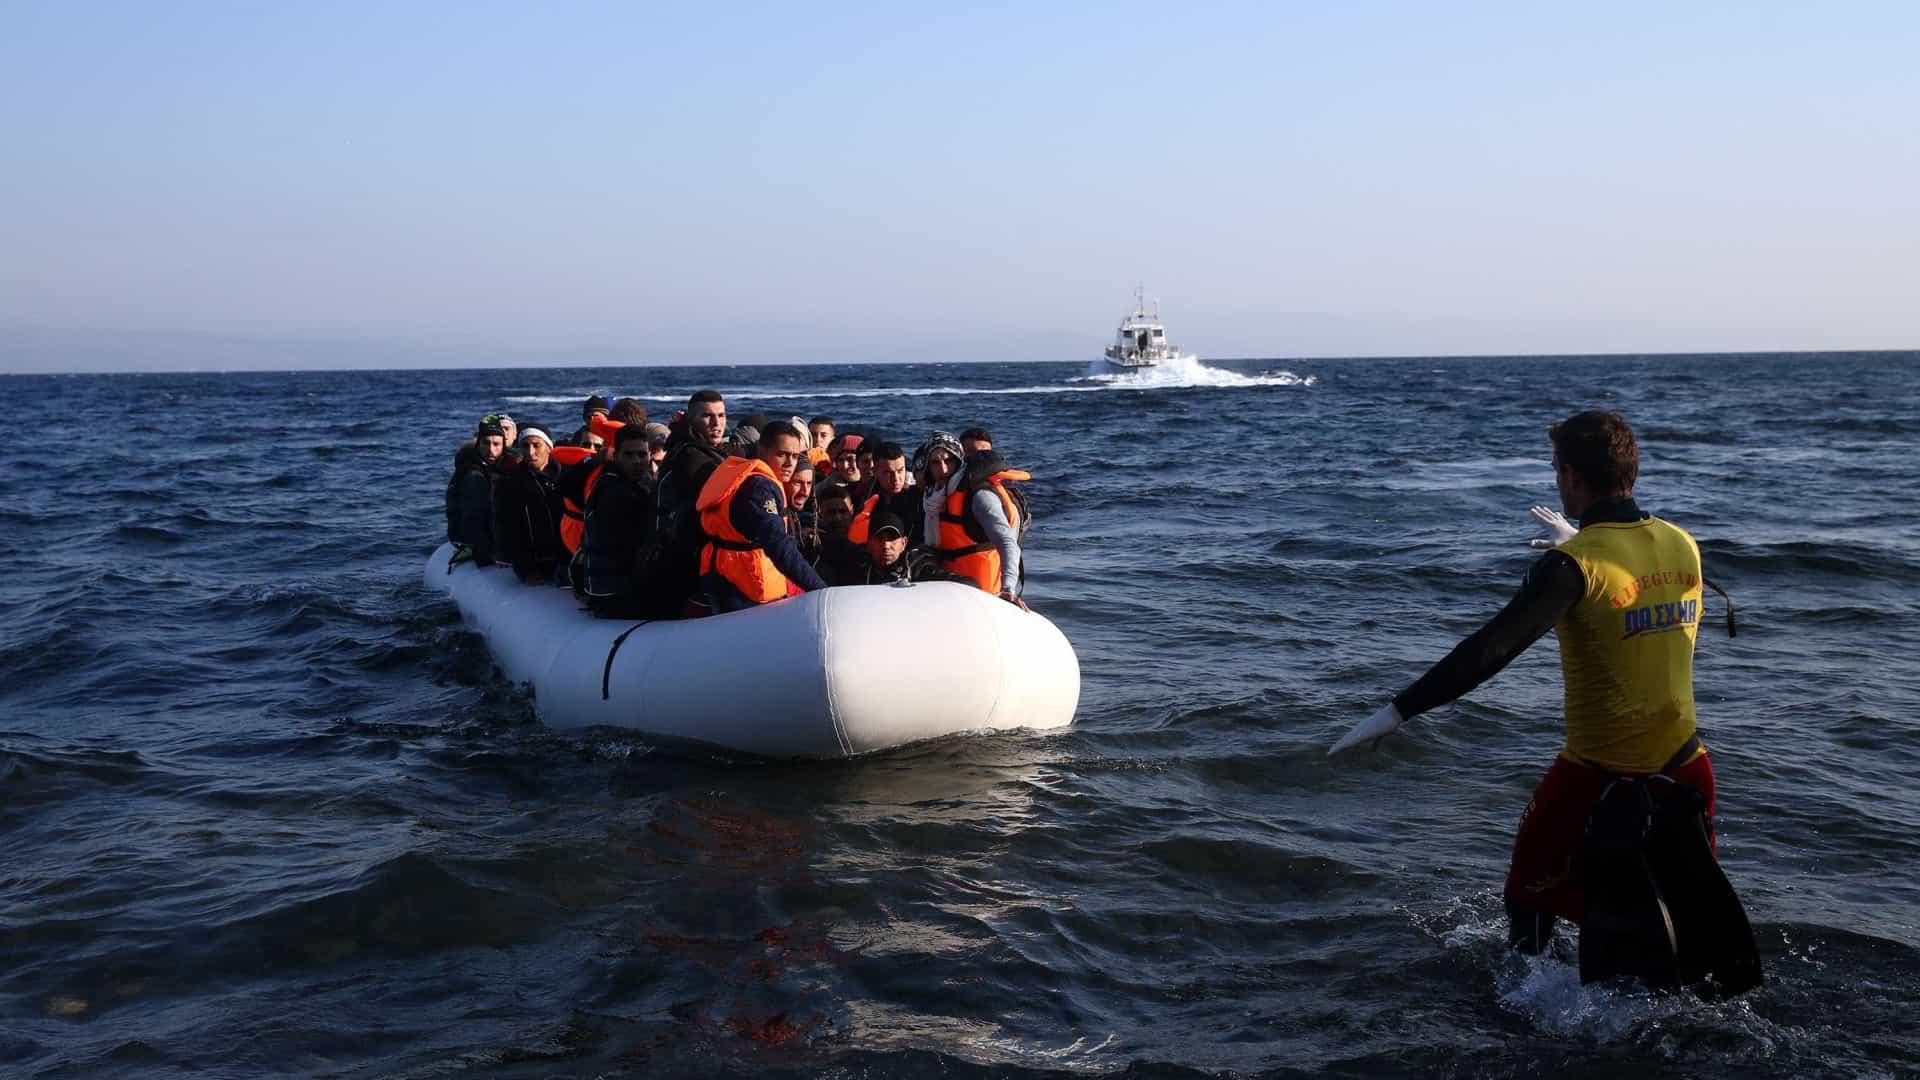 INTERNACIONAL - GNR resgatou 30 migrantes no Mar Egeu